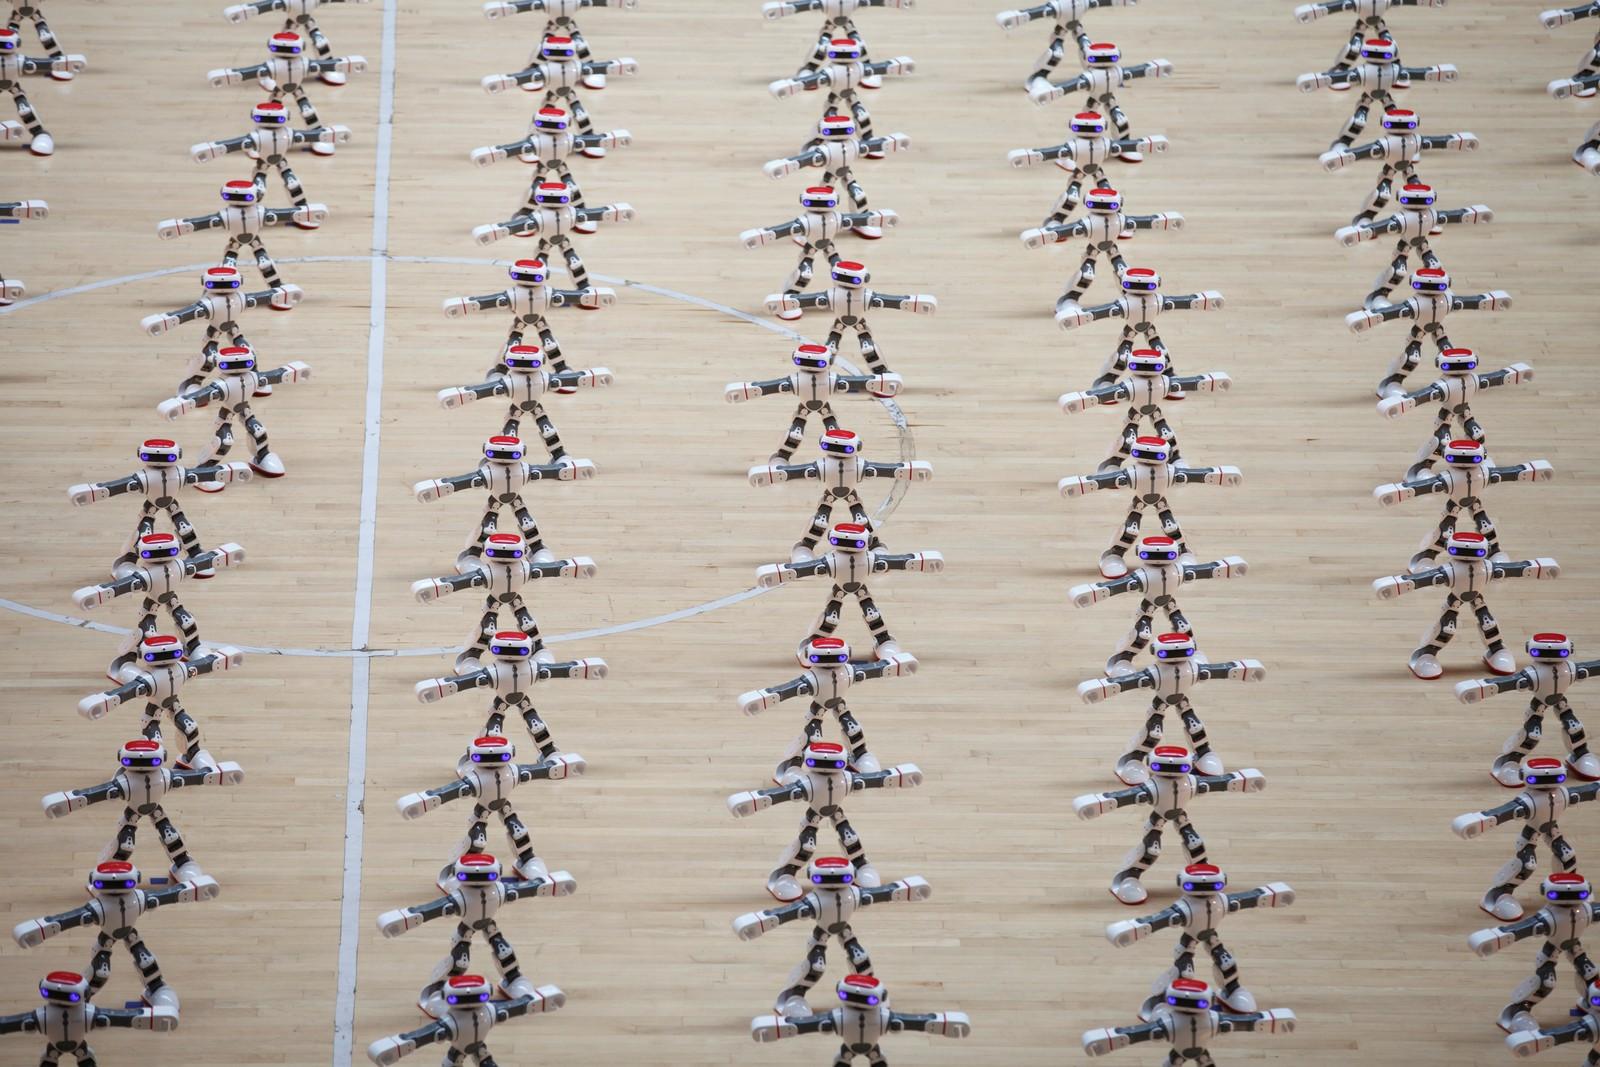 Kanskje du skal ta robotdansen i helga? Her har du litt inspirasjon fra en robotkonkurranse som ble arrangert i Dezhou, Kina, denne uka.